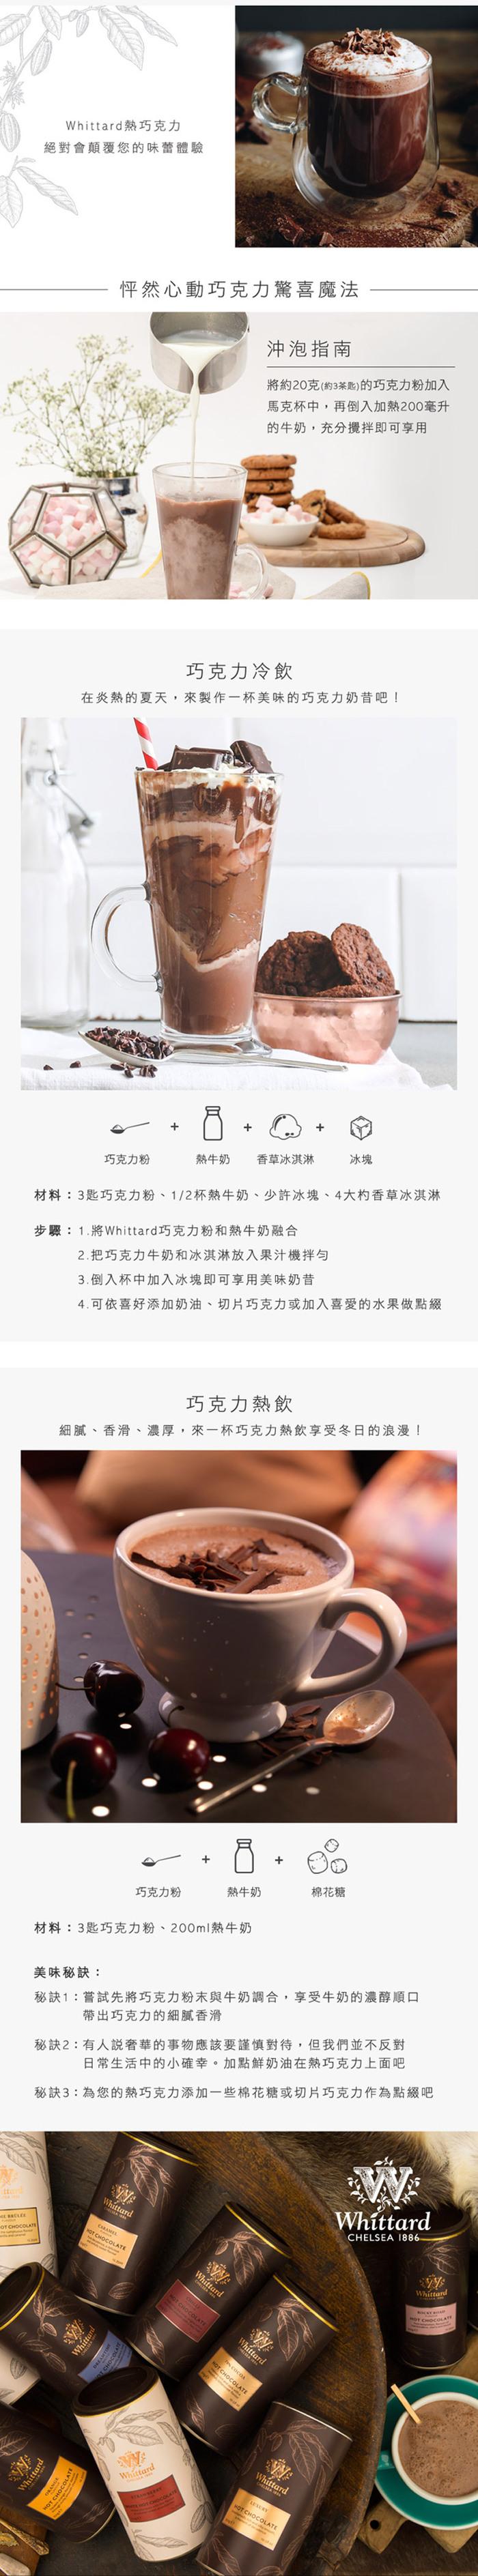 (複製)Whittard|綜合風味茶品禮盒